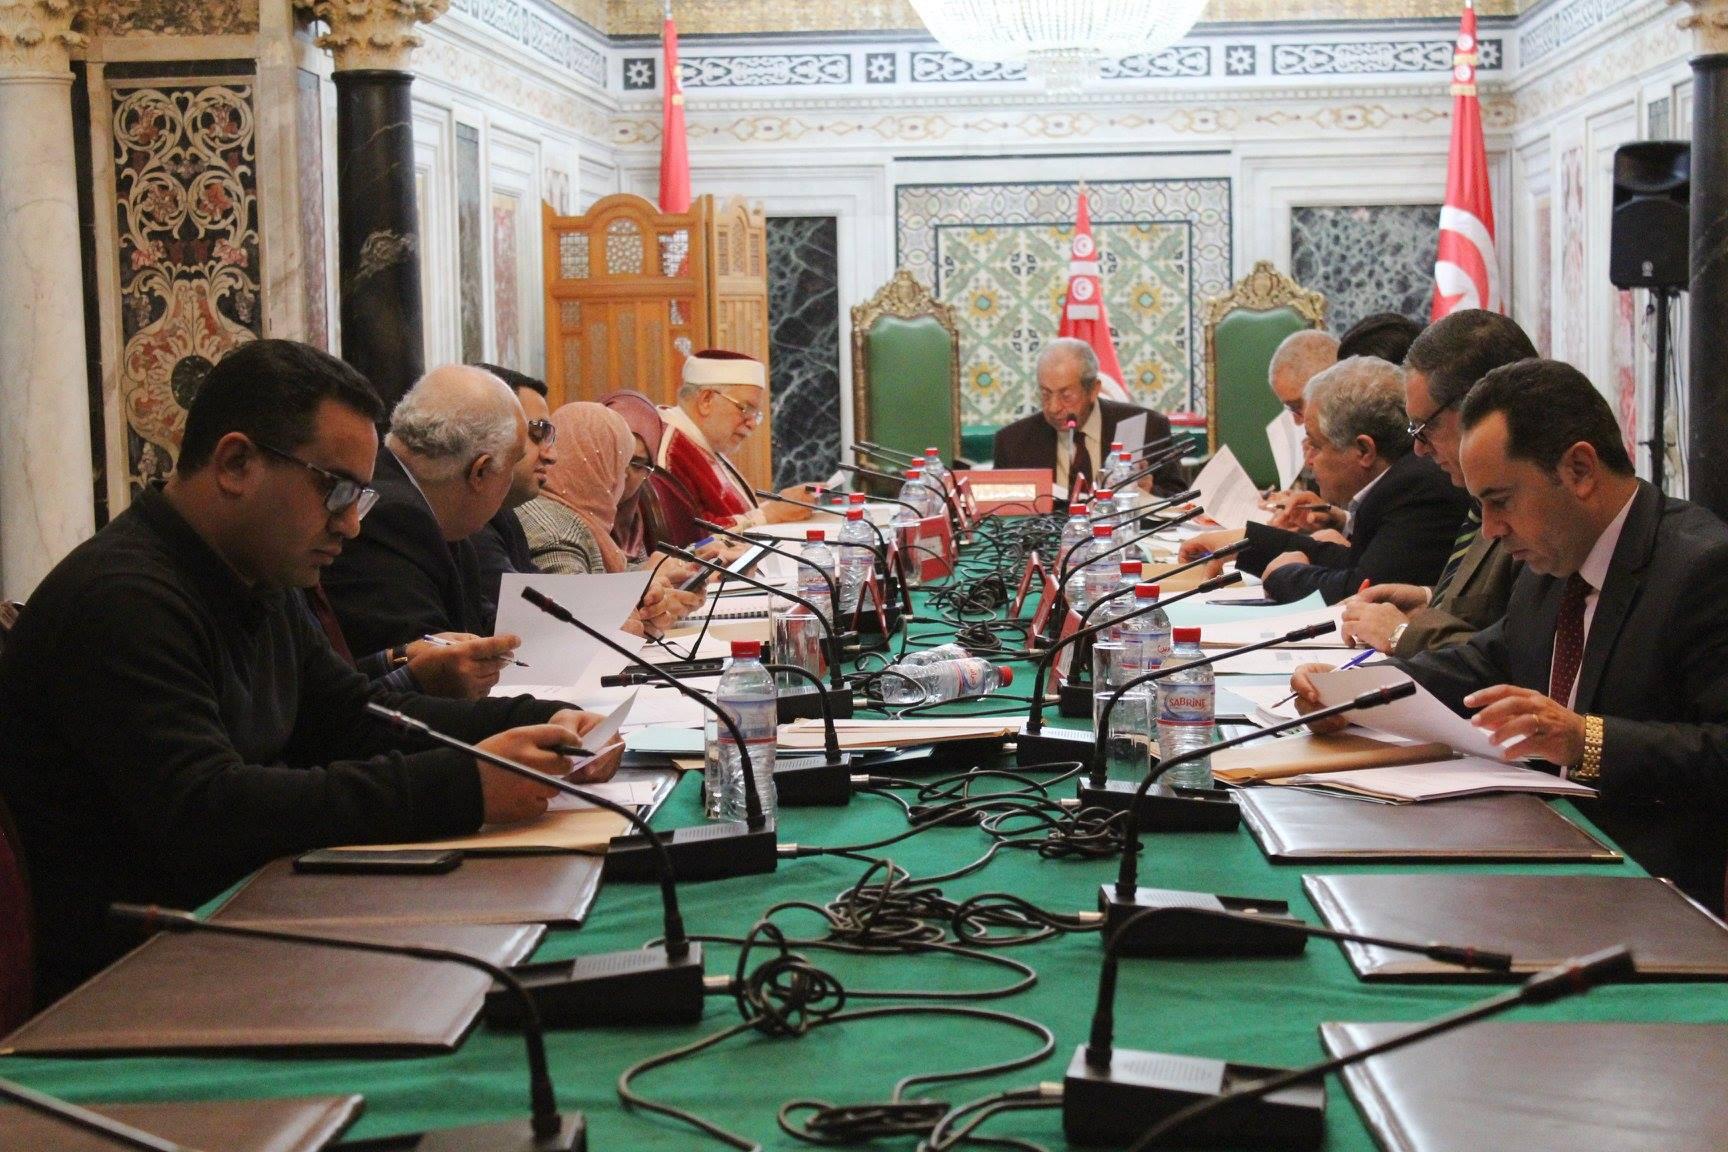 مكتب مجلس نواب الشعب يُنوه بنهاية أزمة هيئة الانتخابات